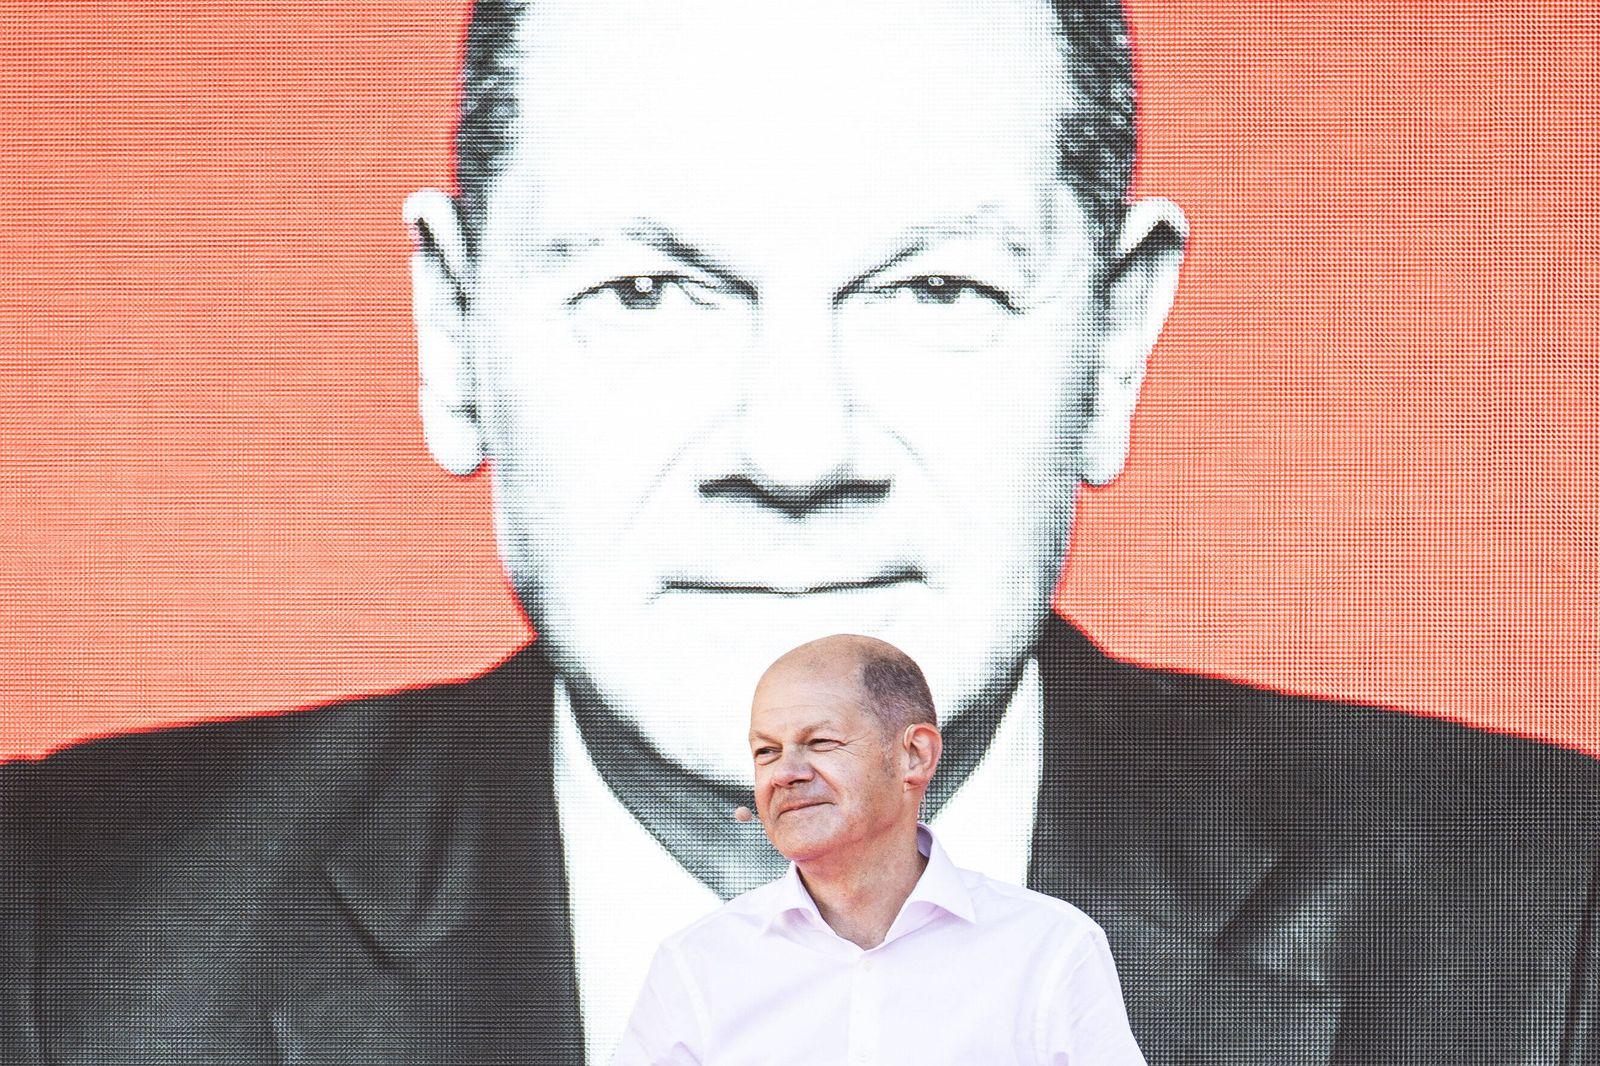 Olaf Scholz, Kanzlerkandidat der SPD, aufgenommen im Rahmen einer Wahlkampfveranstaltung der SPD auf dem Bebelplatz in B